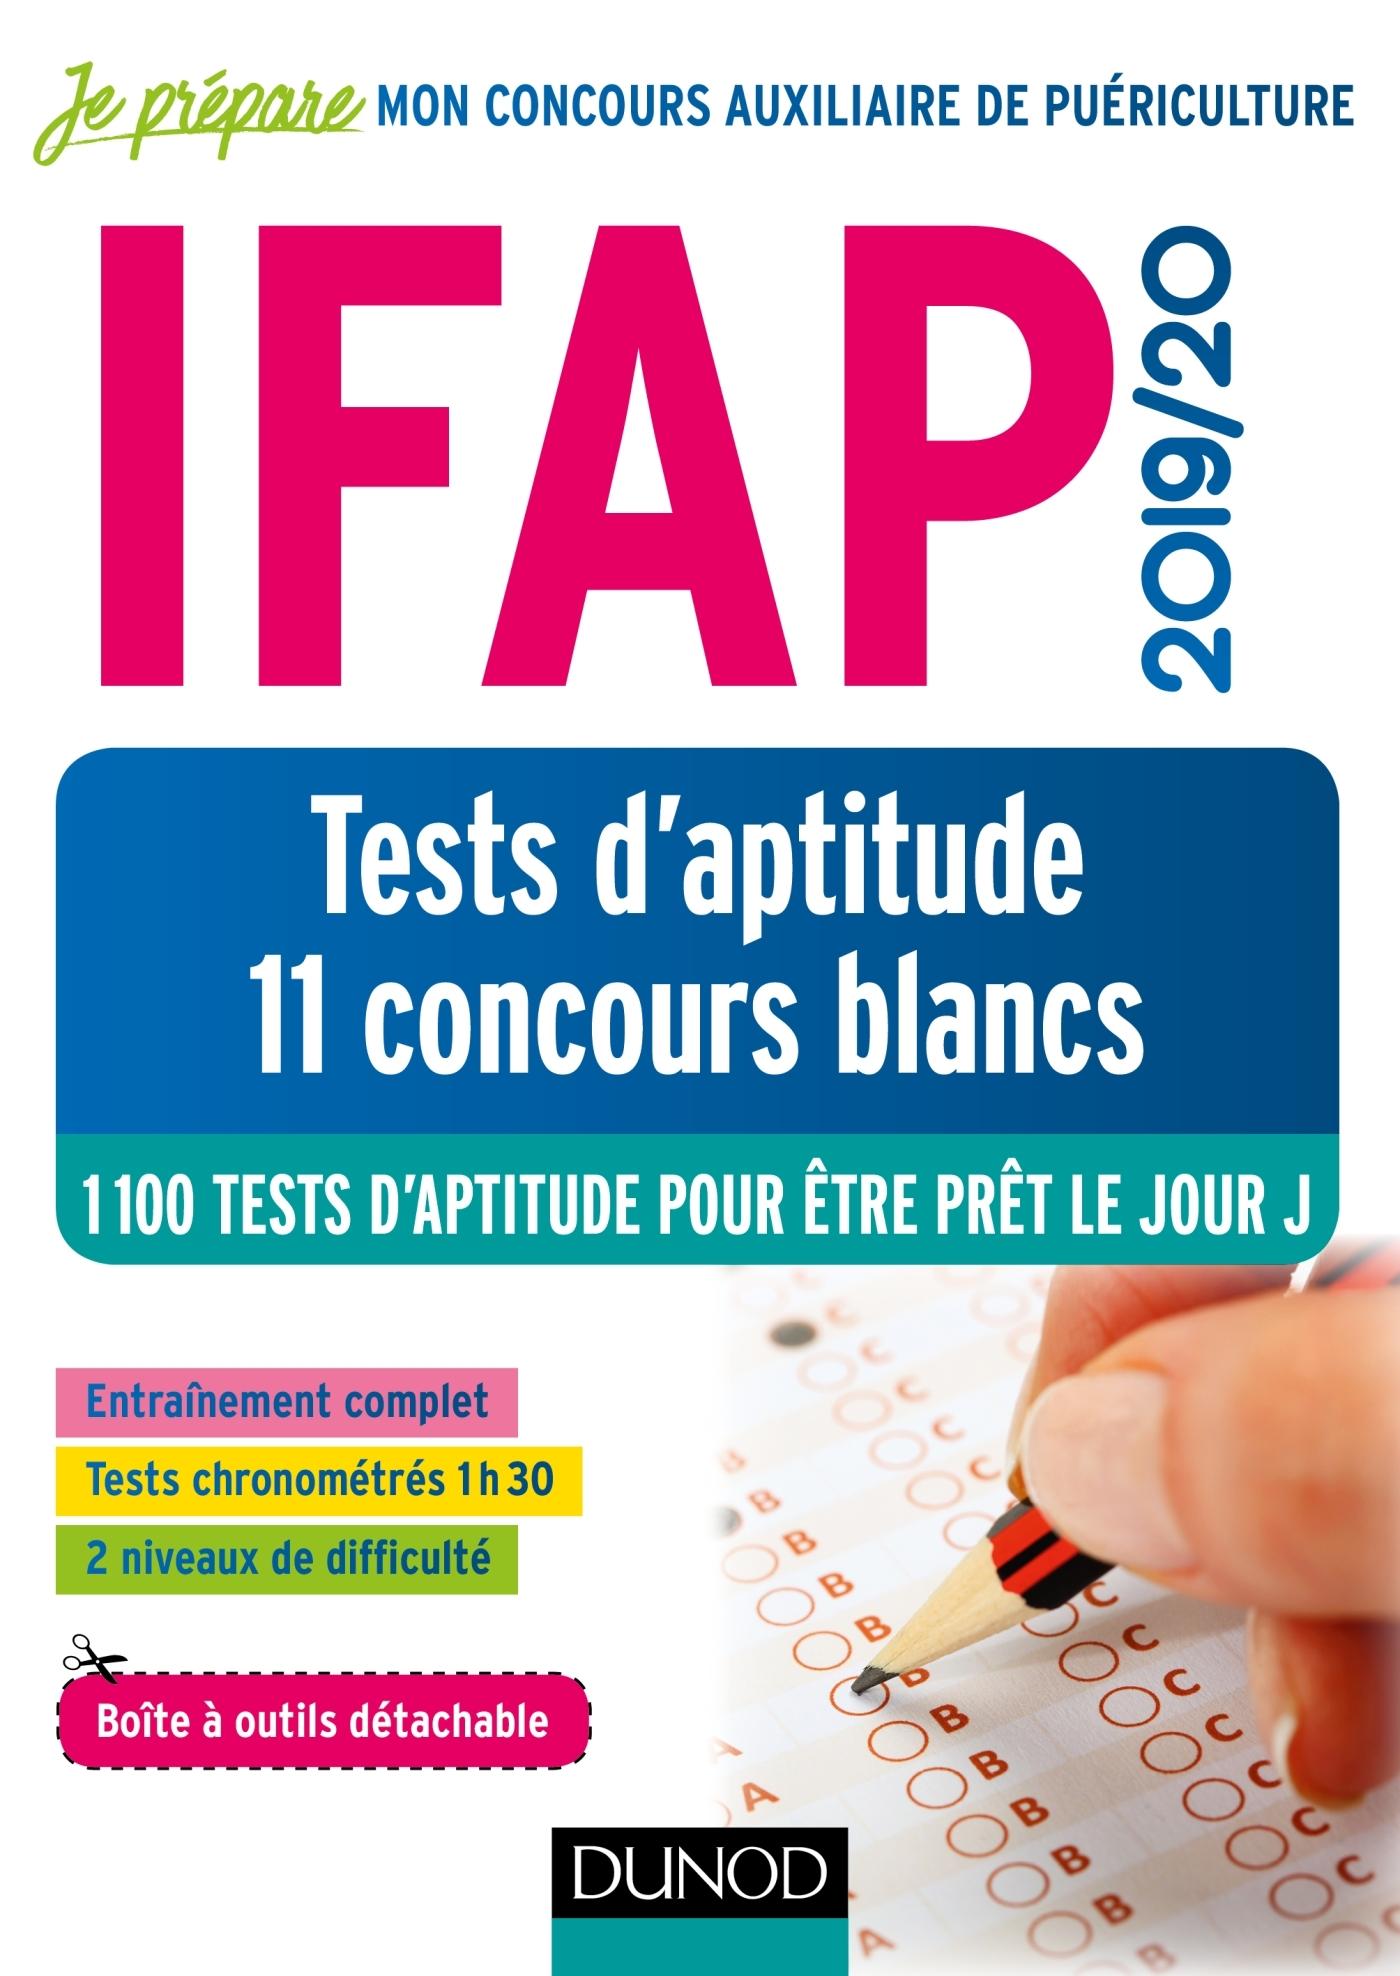 IFAP 2019/20 TESTS D'APTITUDE - 11 CONCOURS BLANCS - CONCOURS AUXILIAIRE DE PUERICULTURE - 1100 TEST